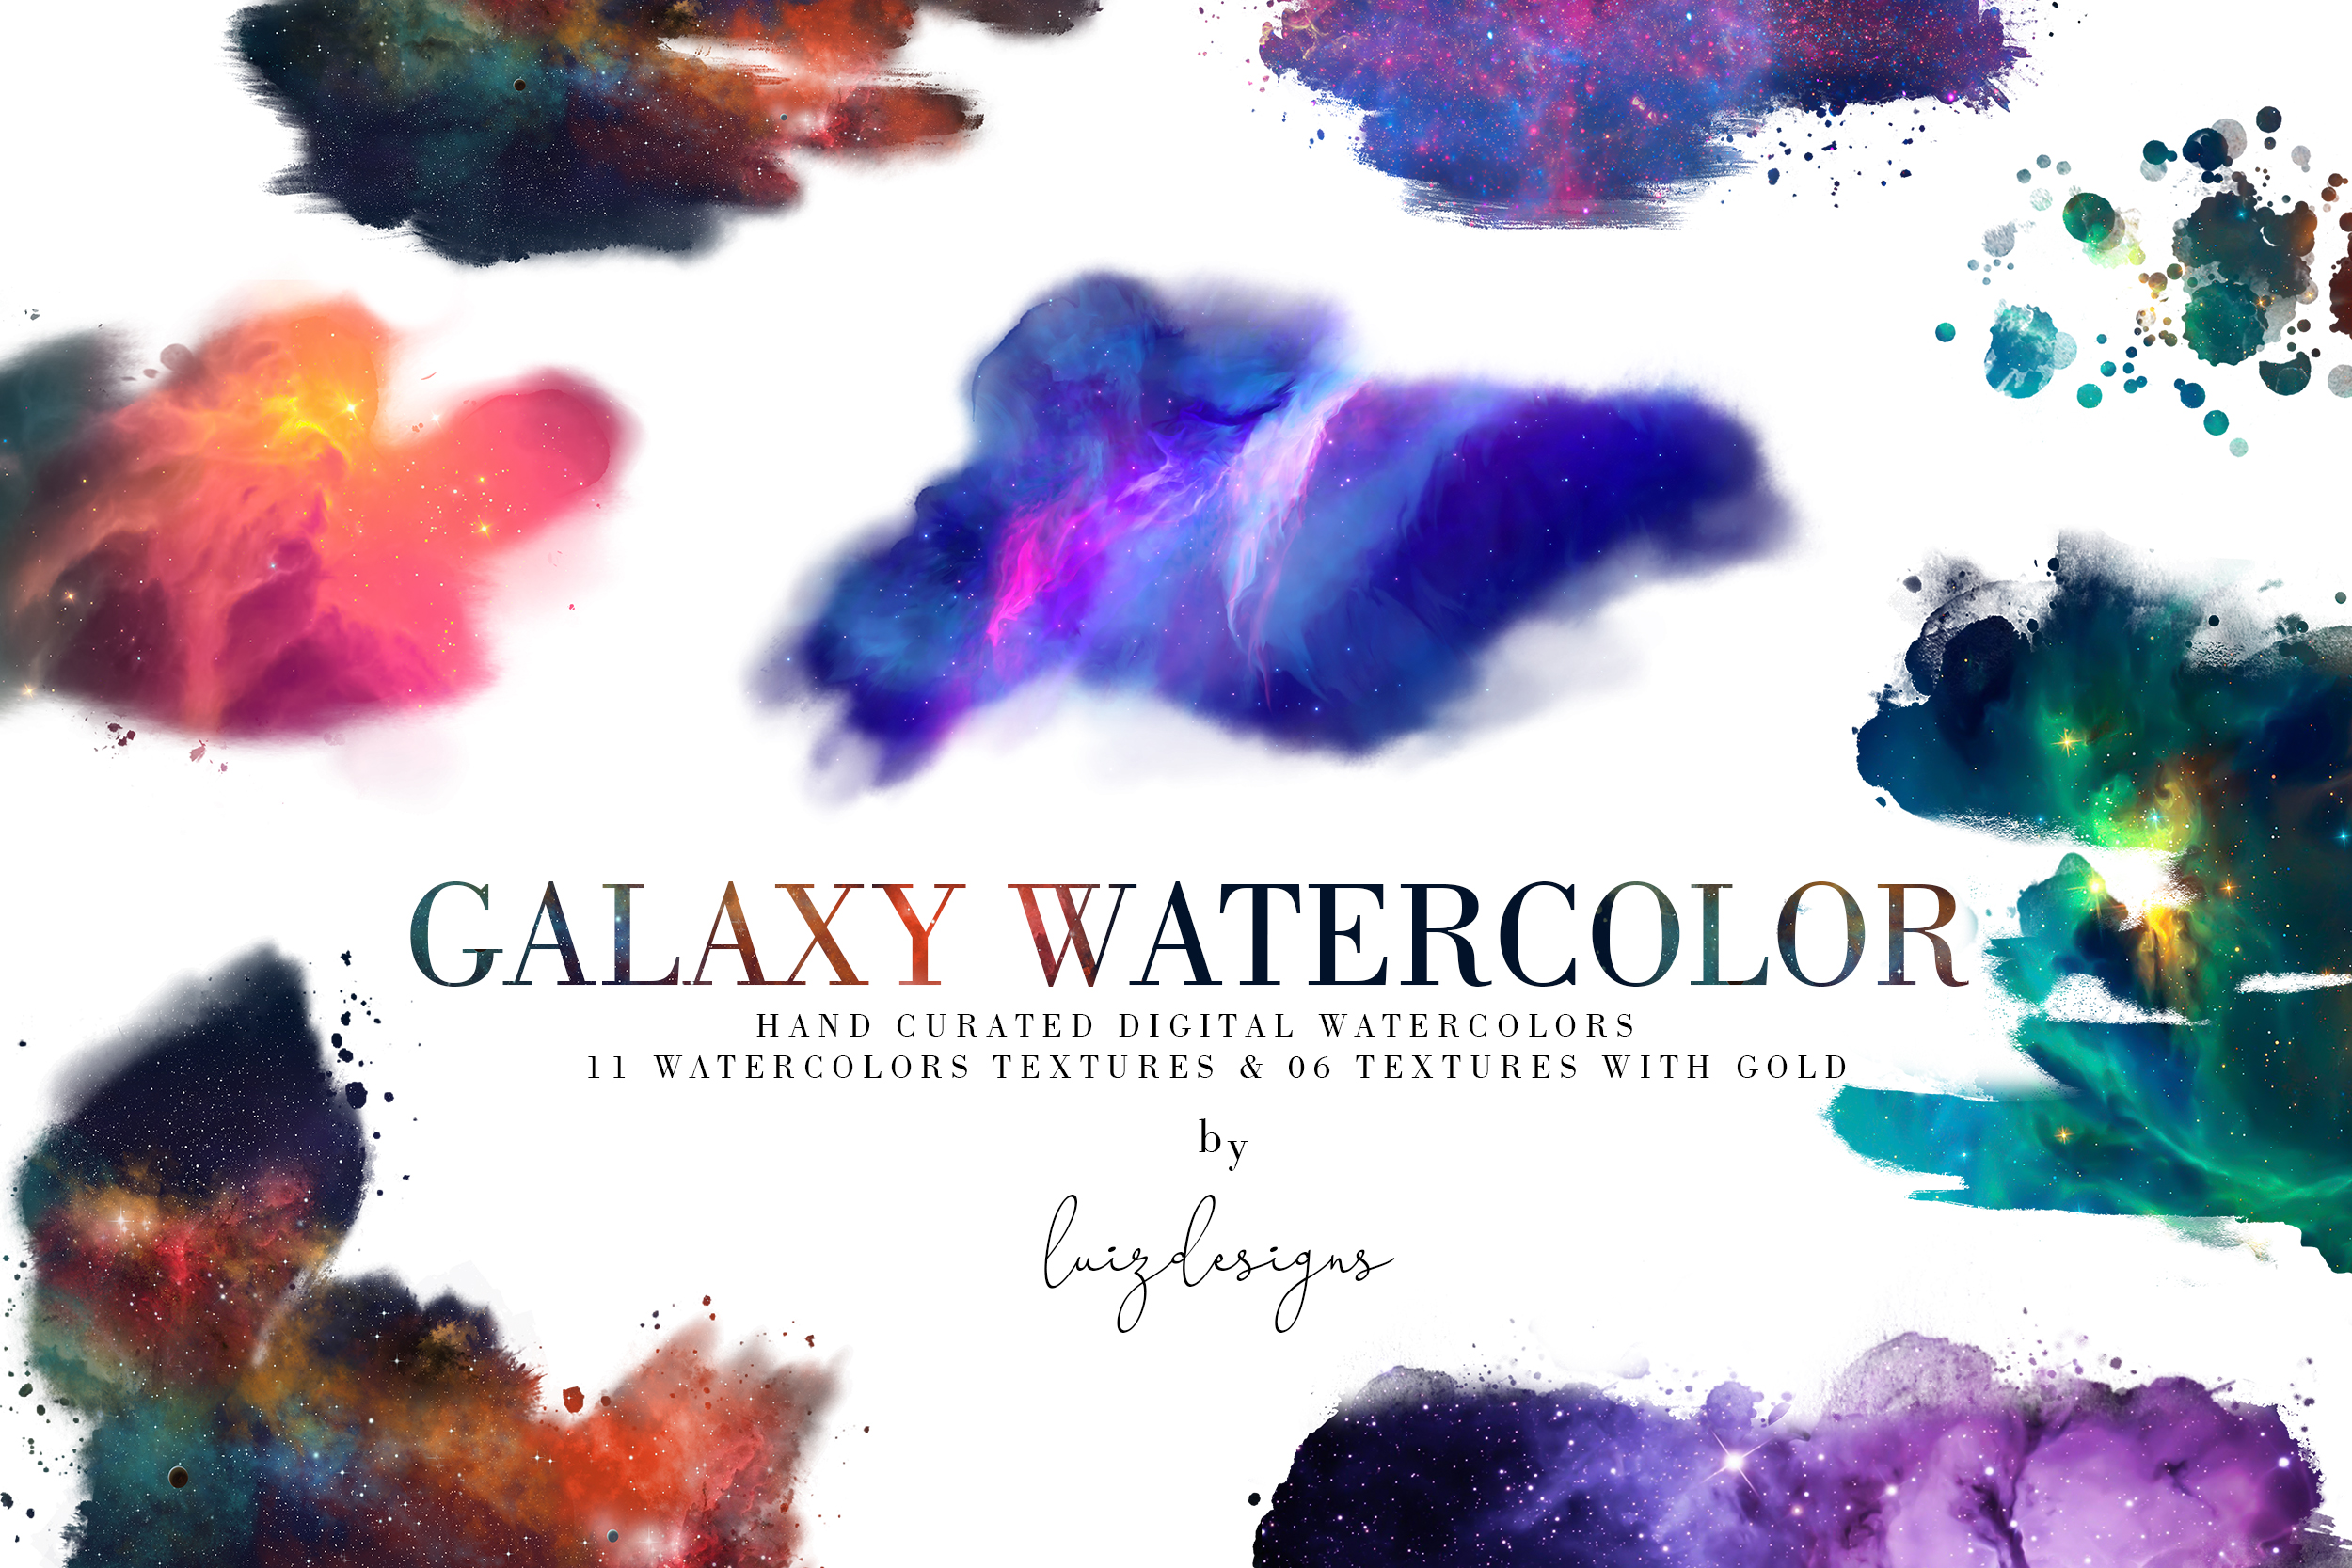 炫彩星云星系宇宙空间水墨背景图片设计素材 Galaxy Watercolor插图